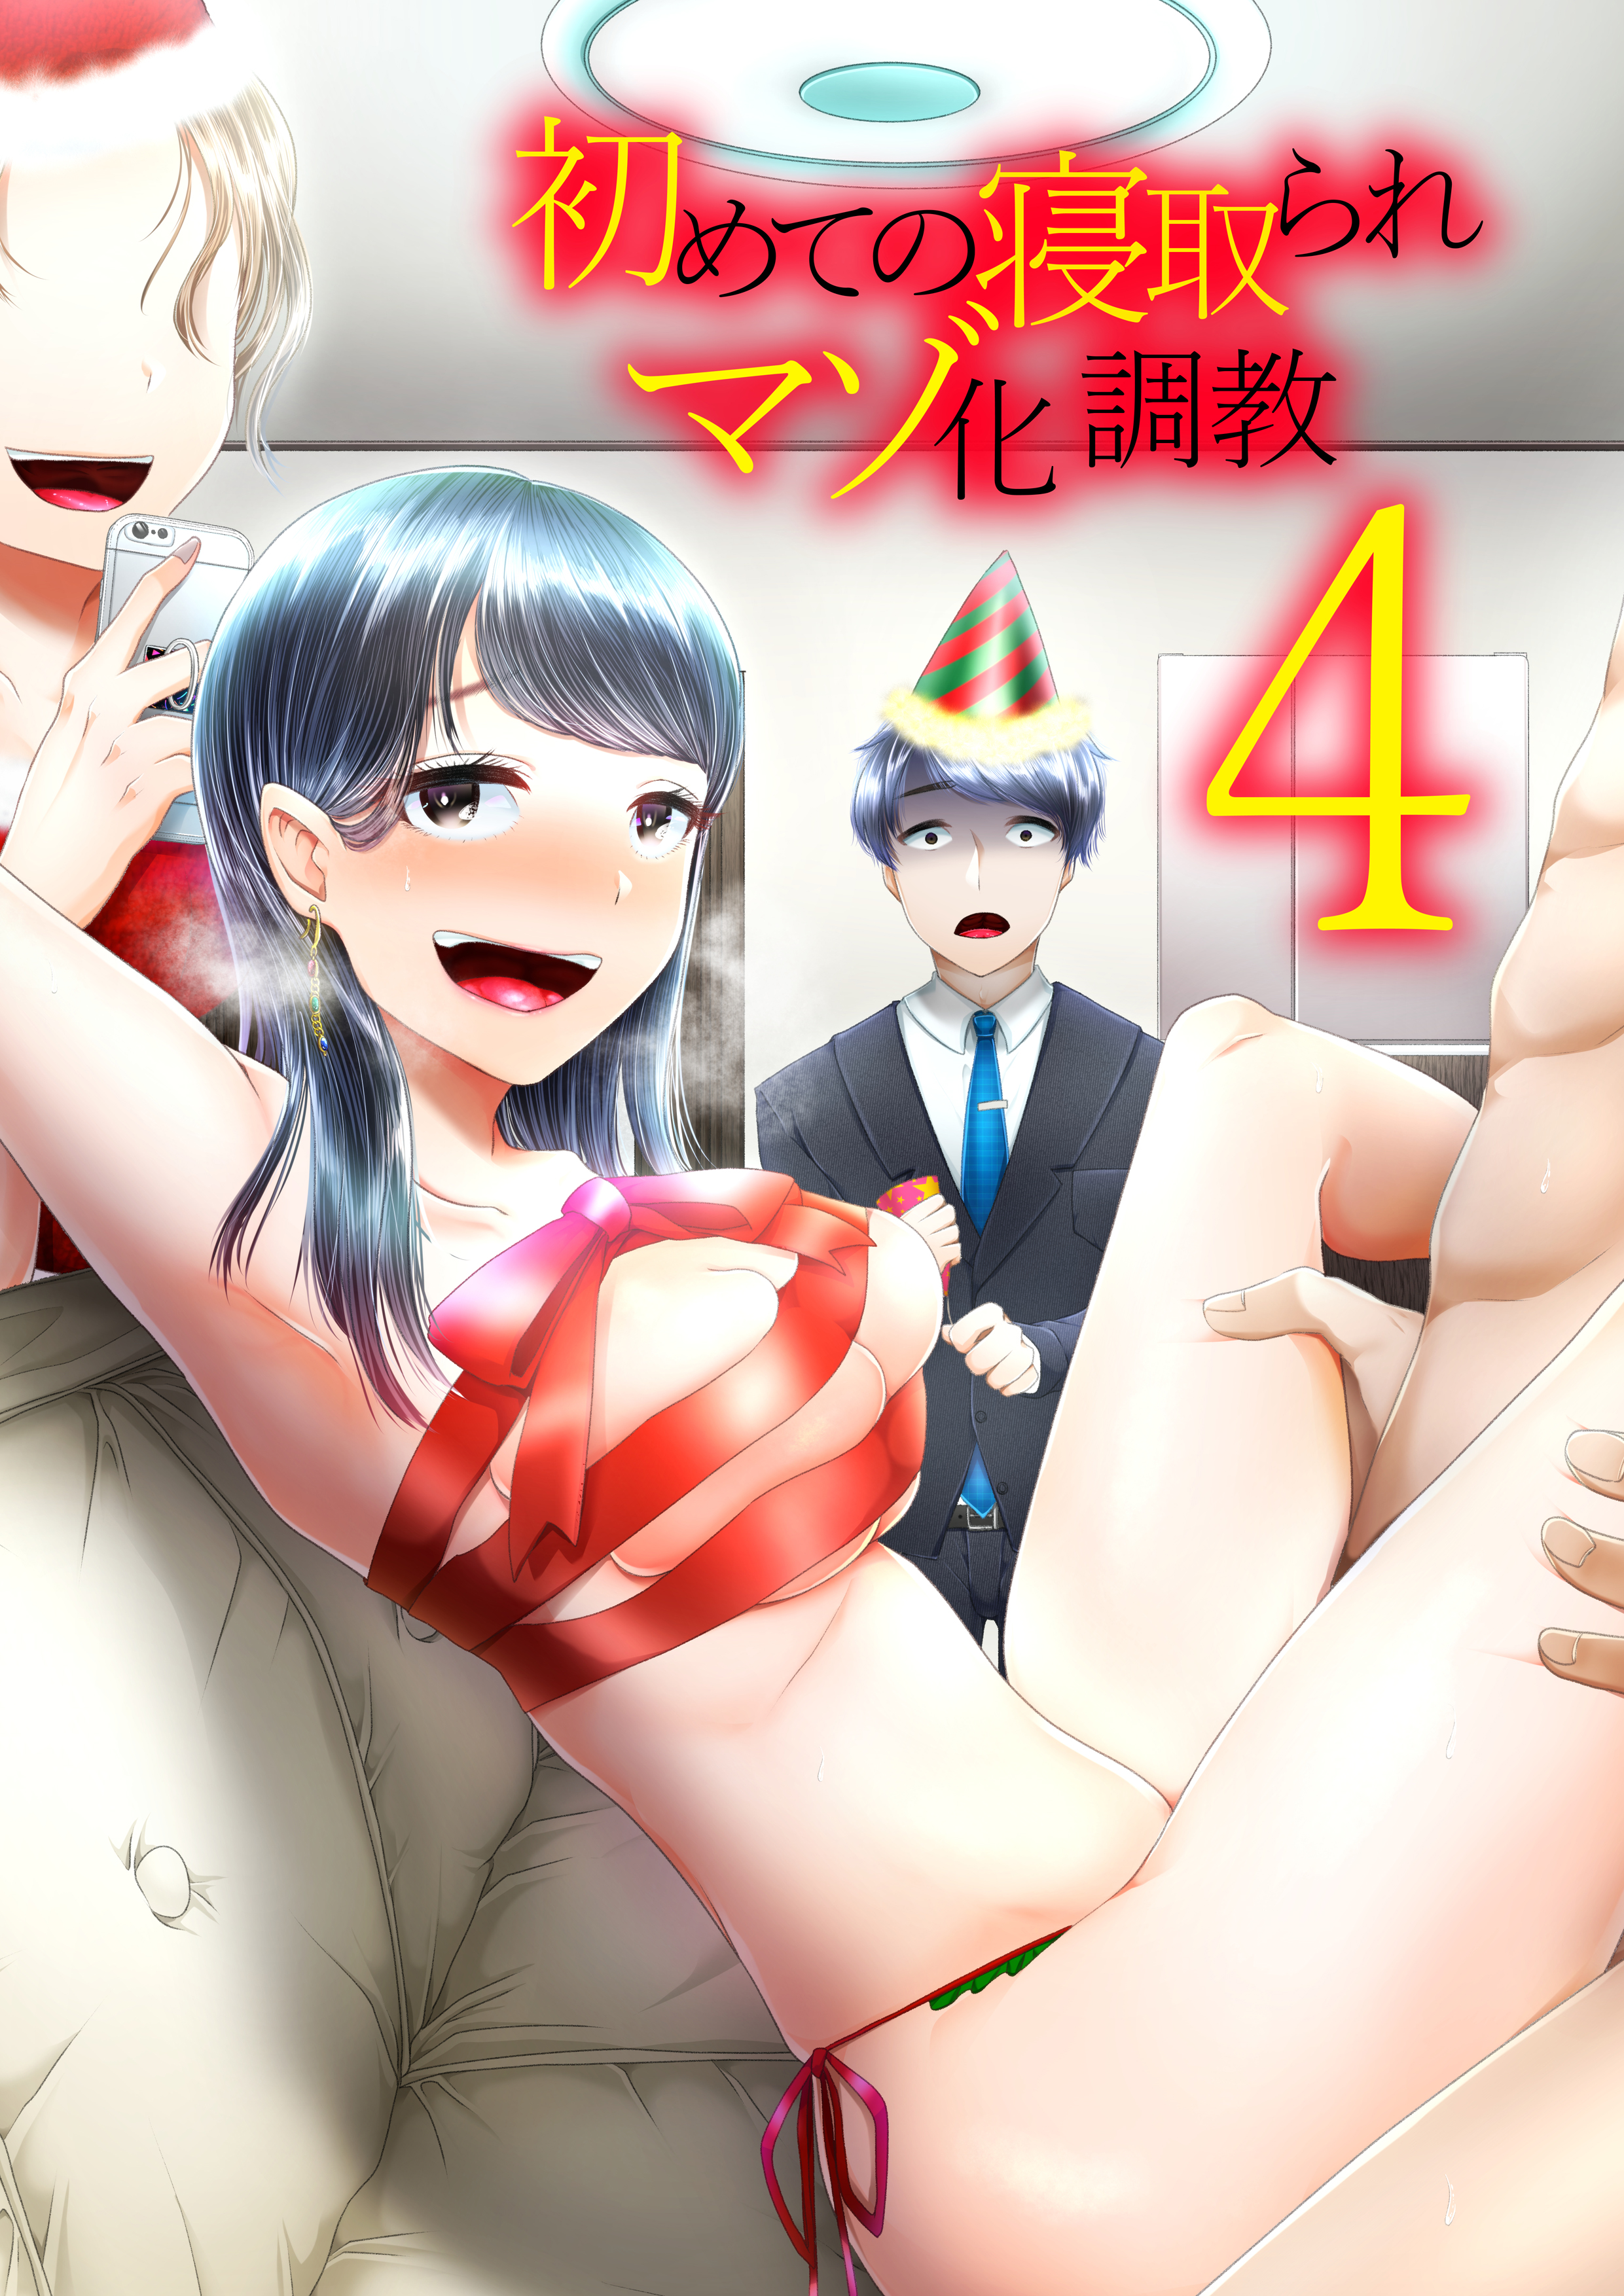 Blitzkrieg Denchi Hajimete no Netorare Masoka Choukyou 4 [En]